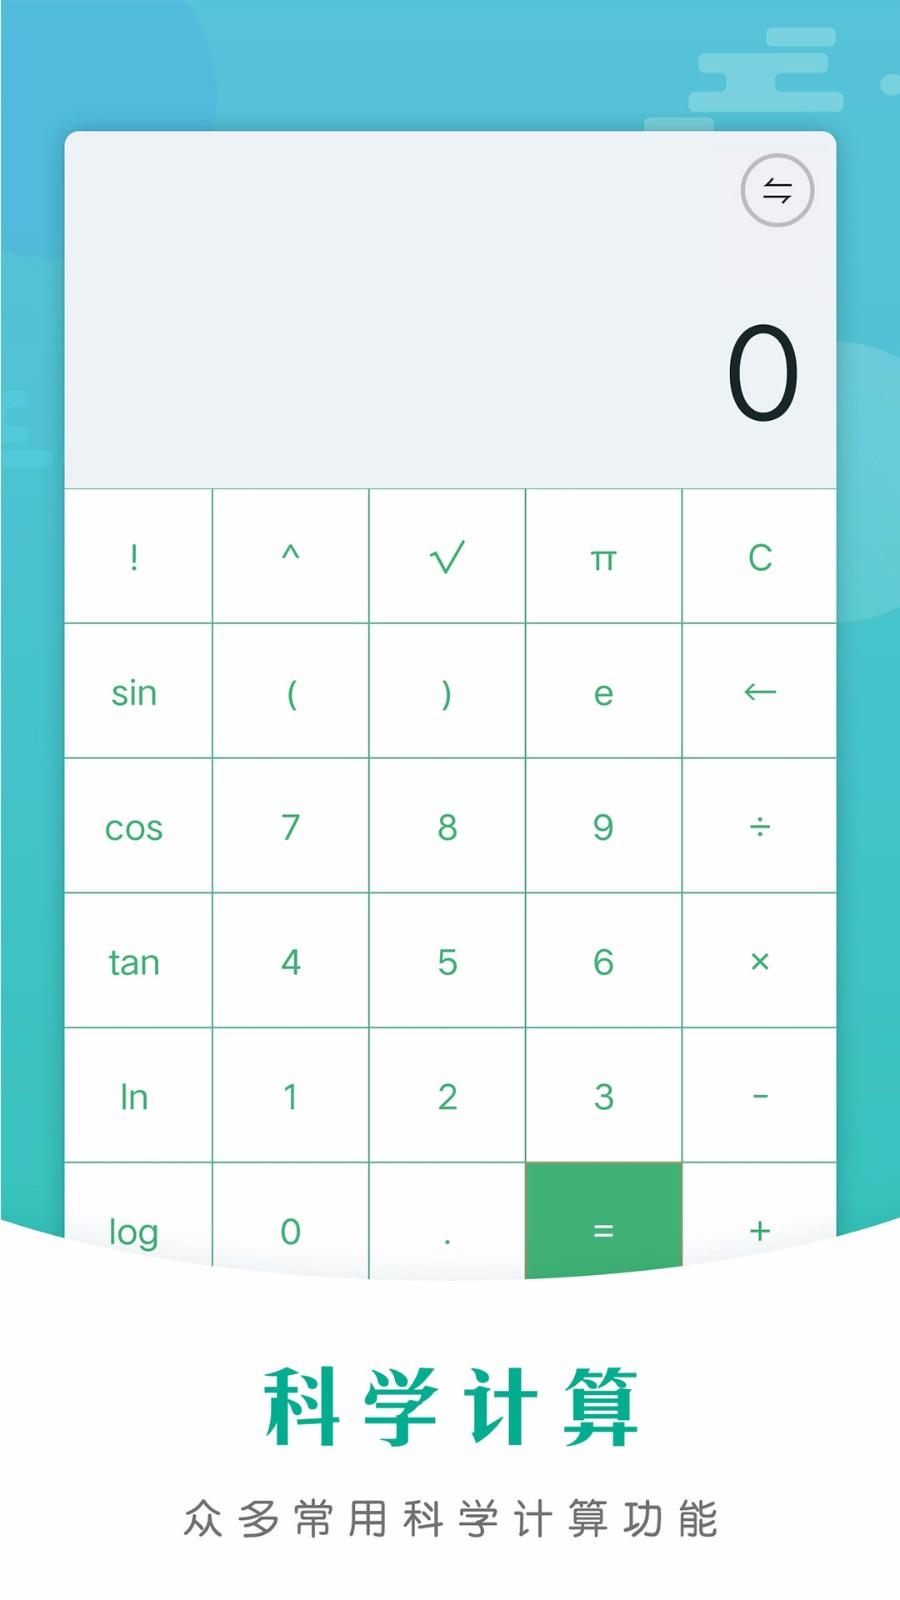 计算机房贷计算器(2)